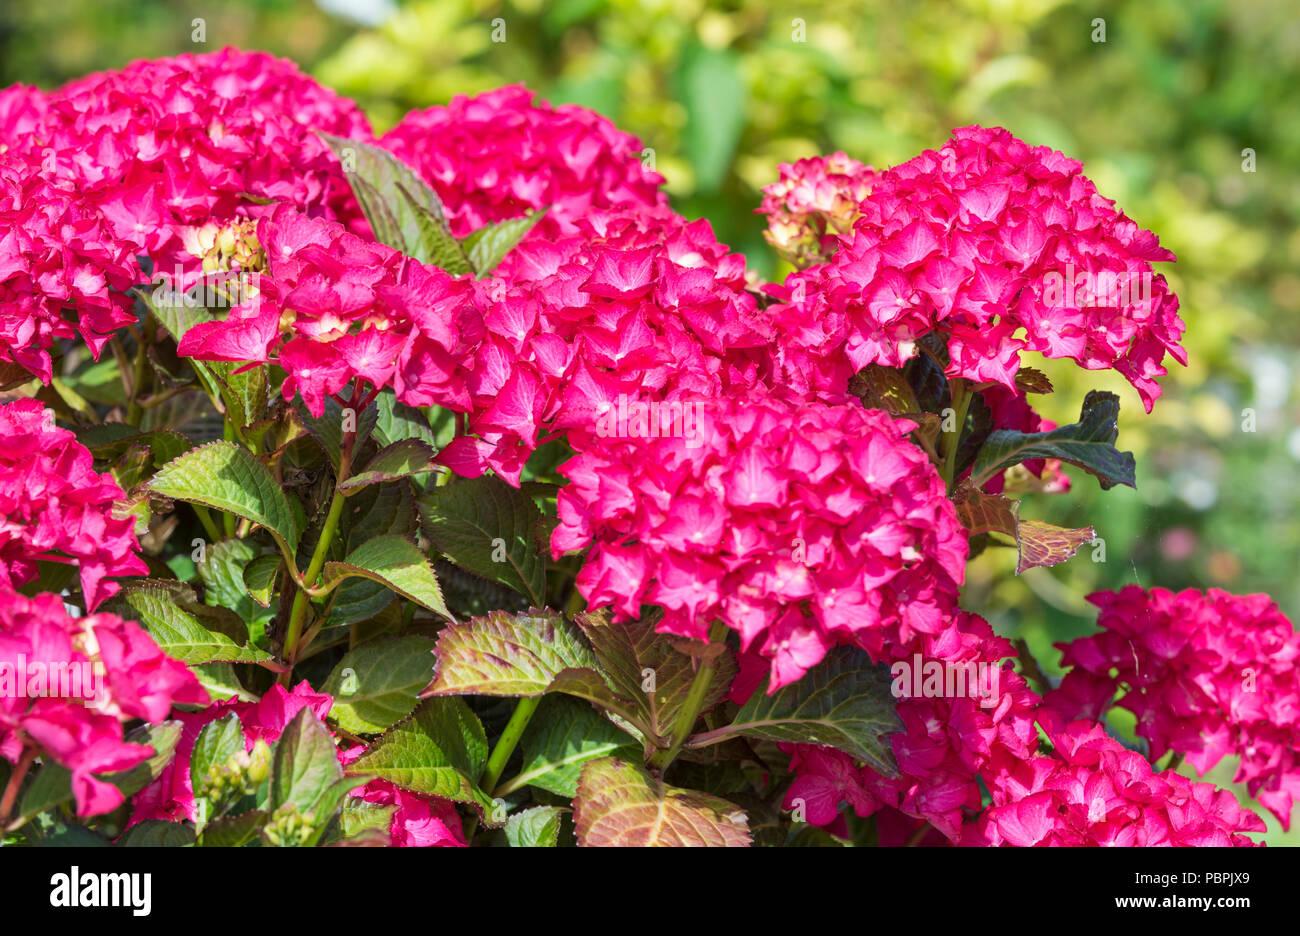 Blumen von einem Hydrangea macrophylla Elma' (Niederländische Damen Serie) Strauch im Sommer in West Sussex, England, UK. Stockbild